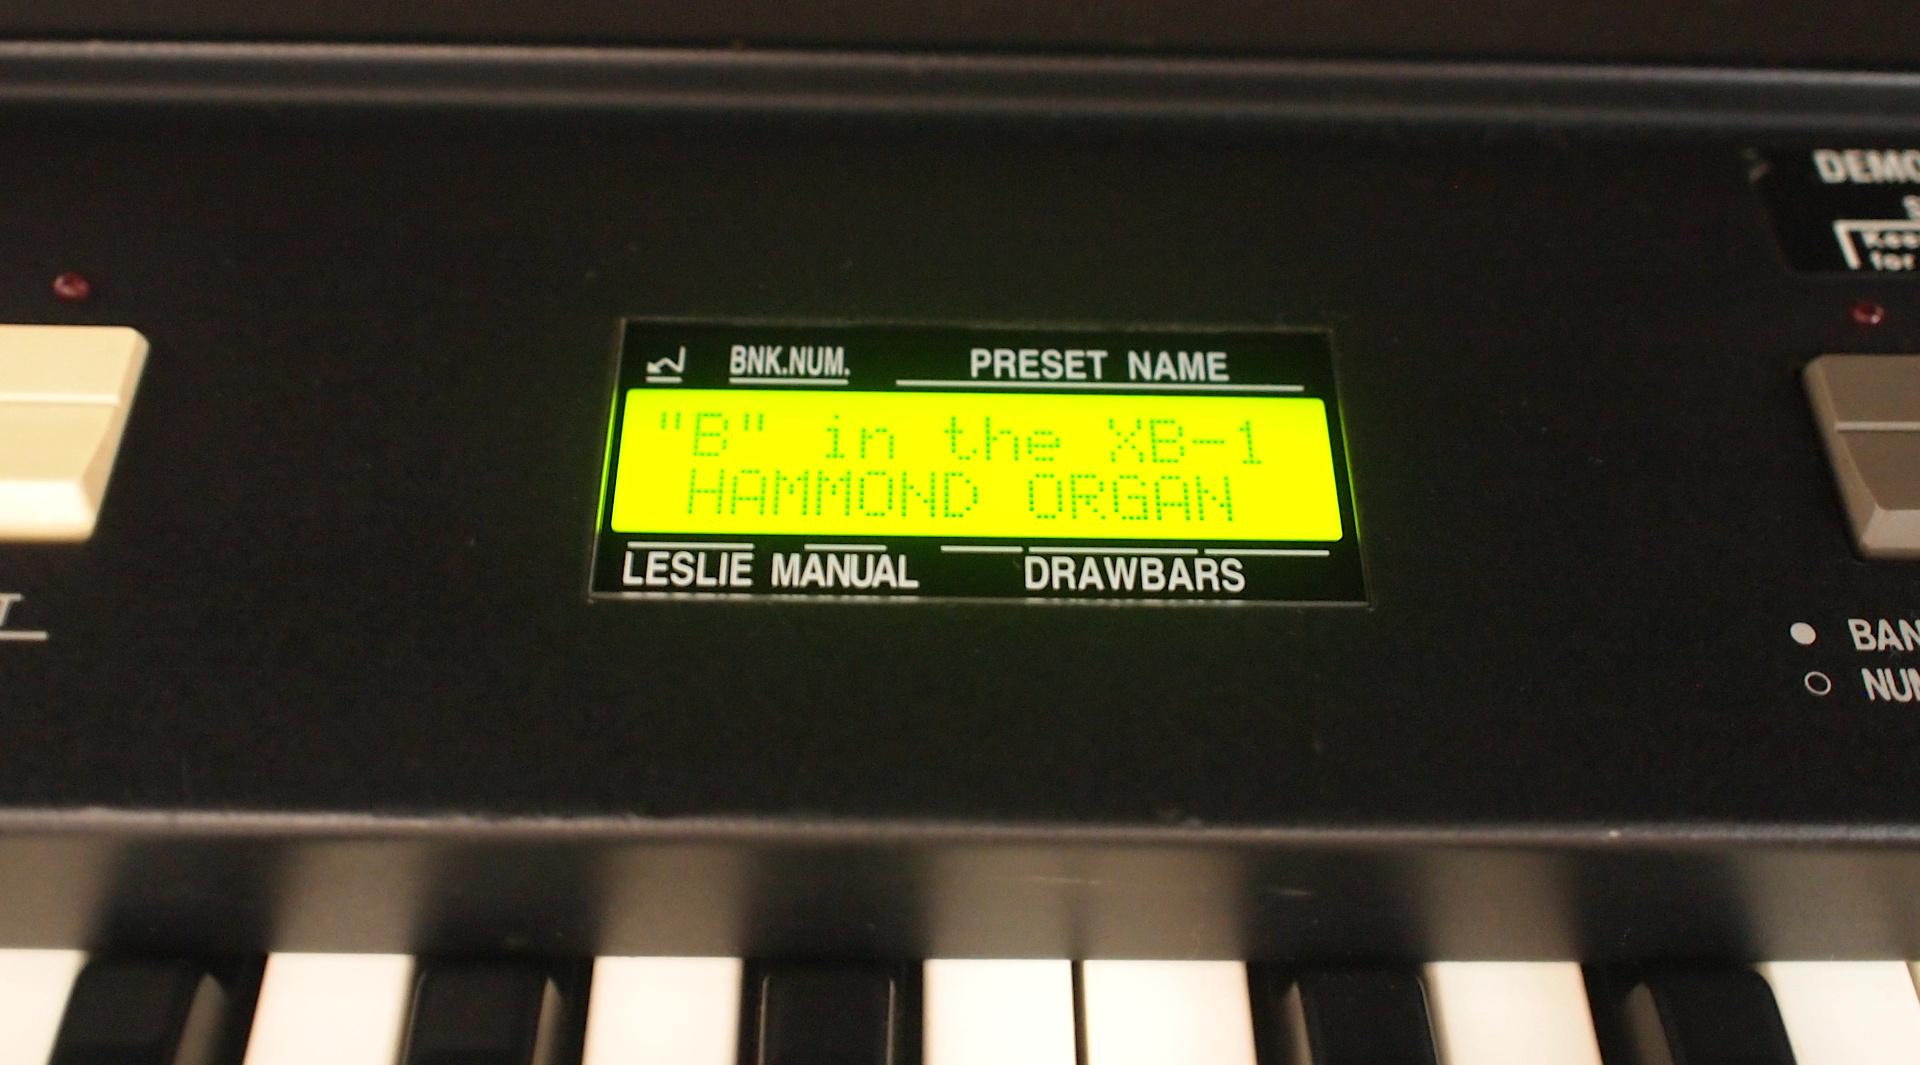 Hammond XB-1 起動画面